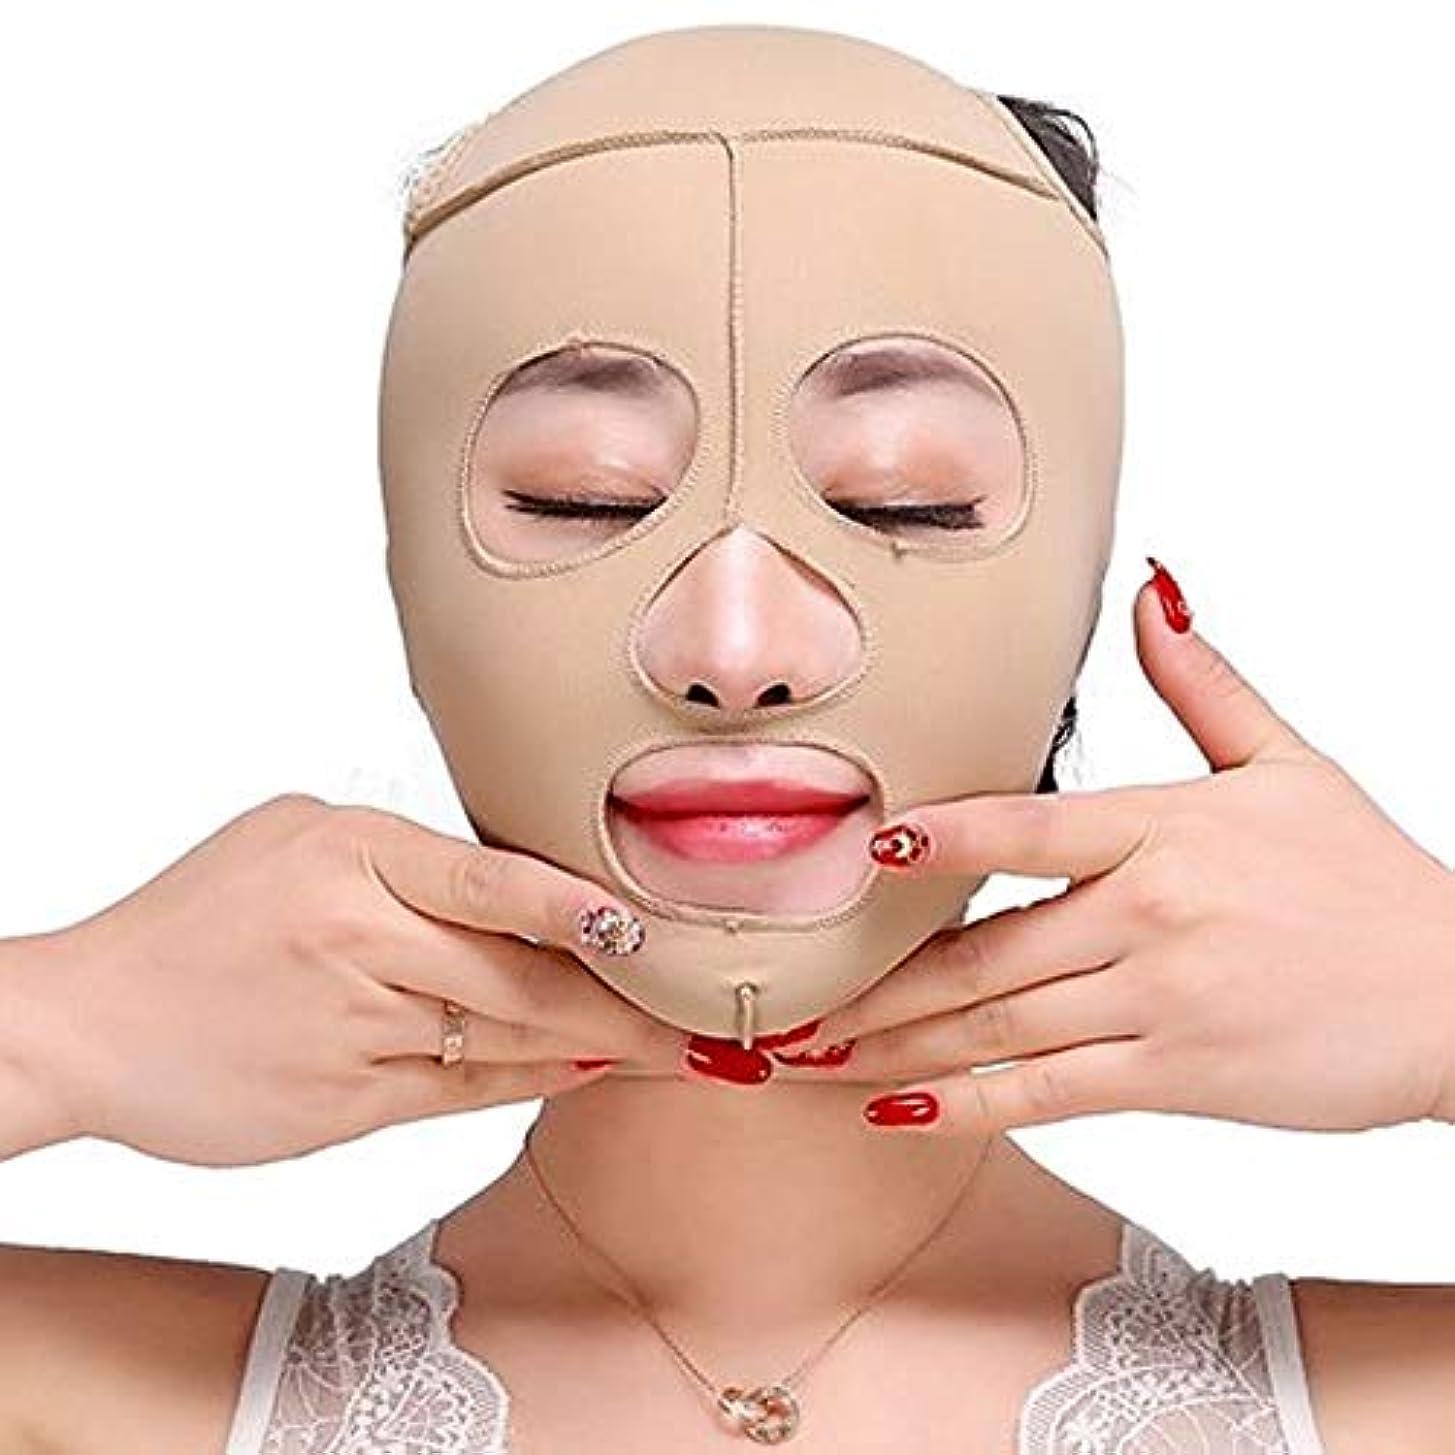 医学ブラウズ置き場飛強強 フェイスリフティングアーティファクト睡眠薄い顔顔の顔薄い顔V顔マスク二重あご薄い顔包帯肌色 スリムフィット美容ツール (Size : S)